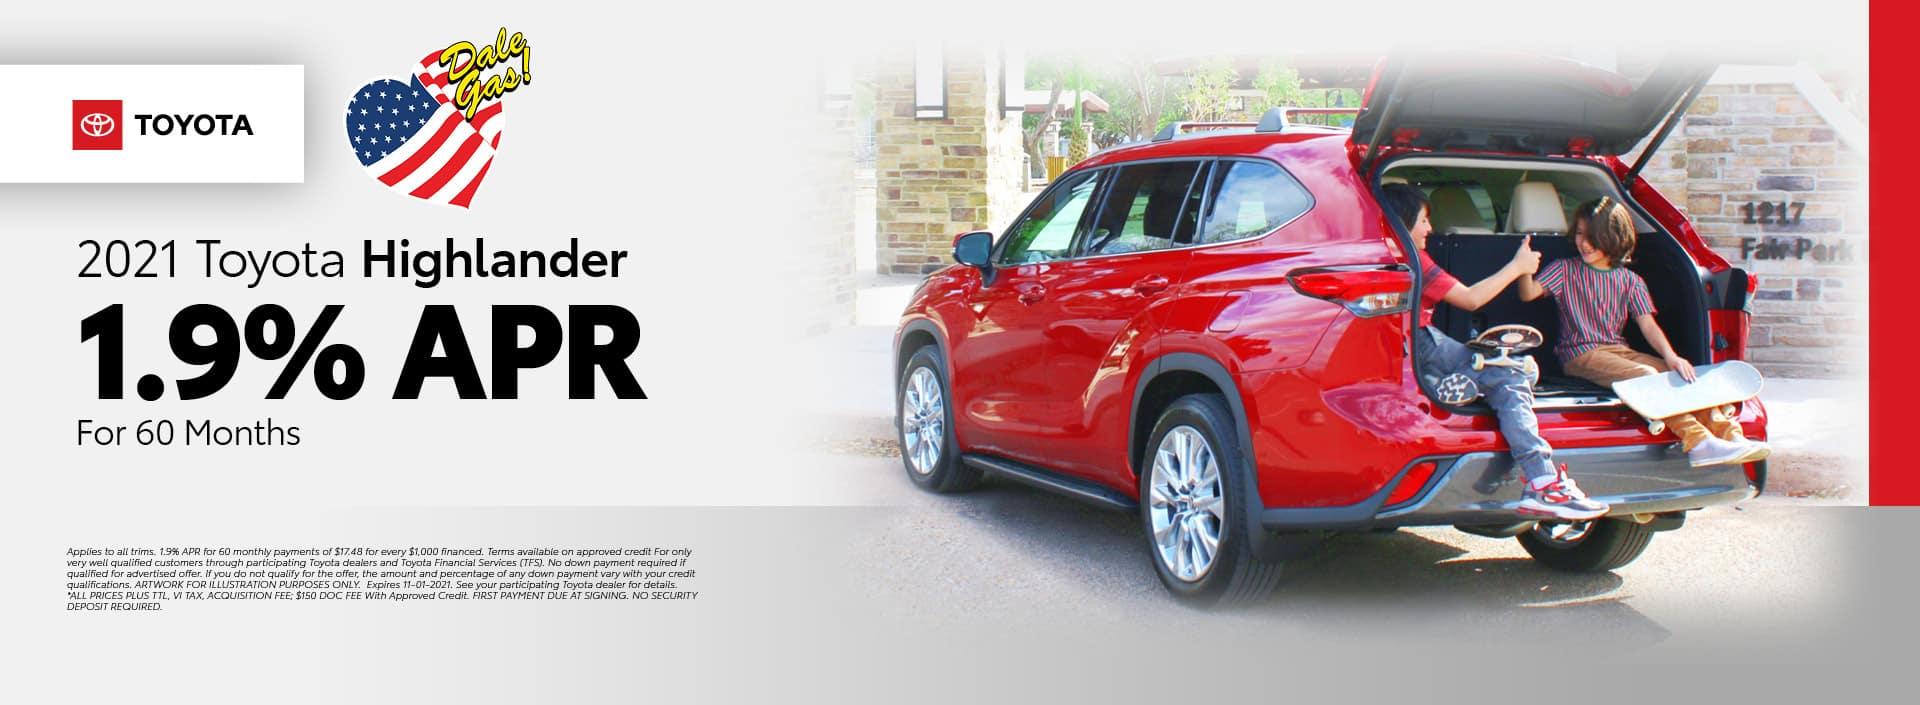 2021 Toyota Highlander Offer - October 2021